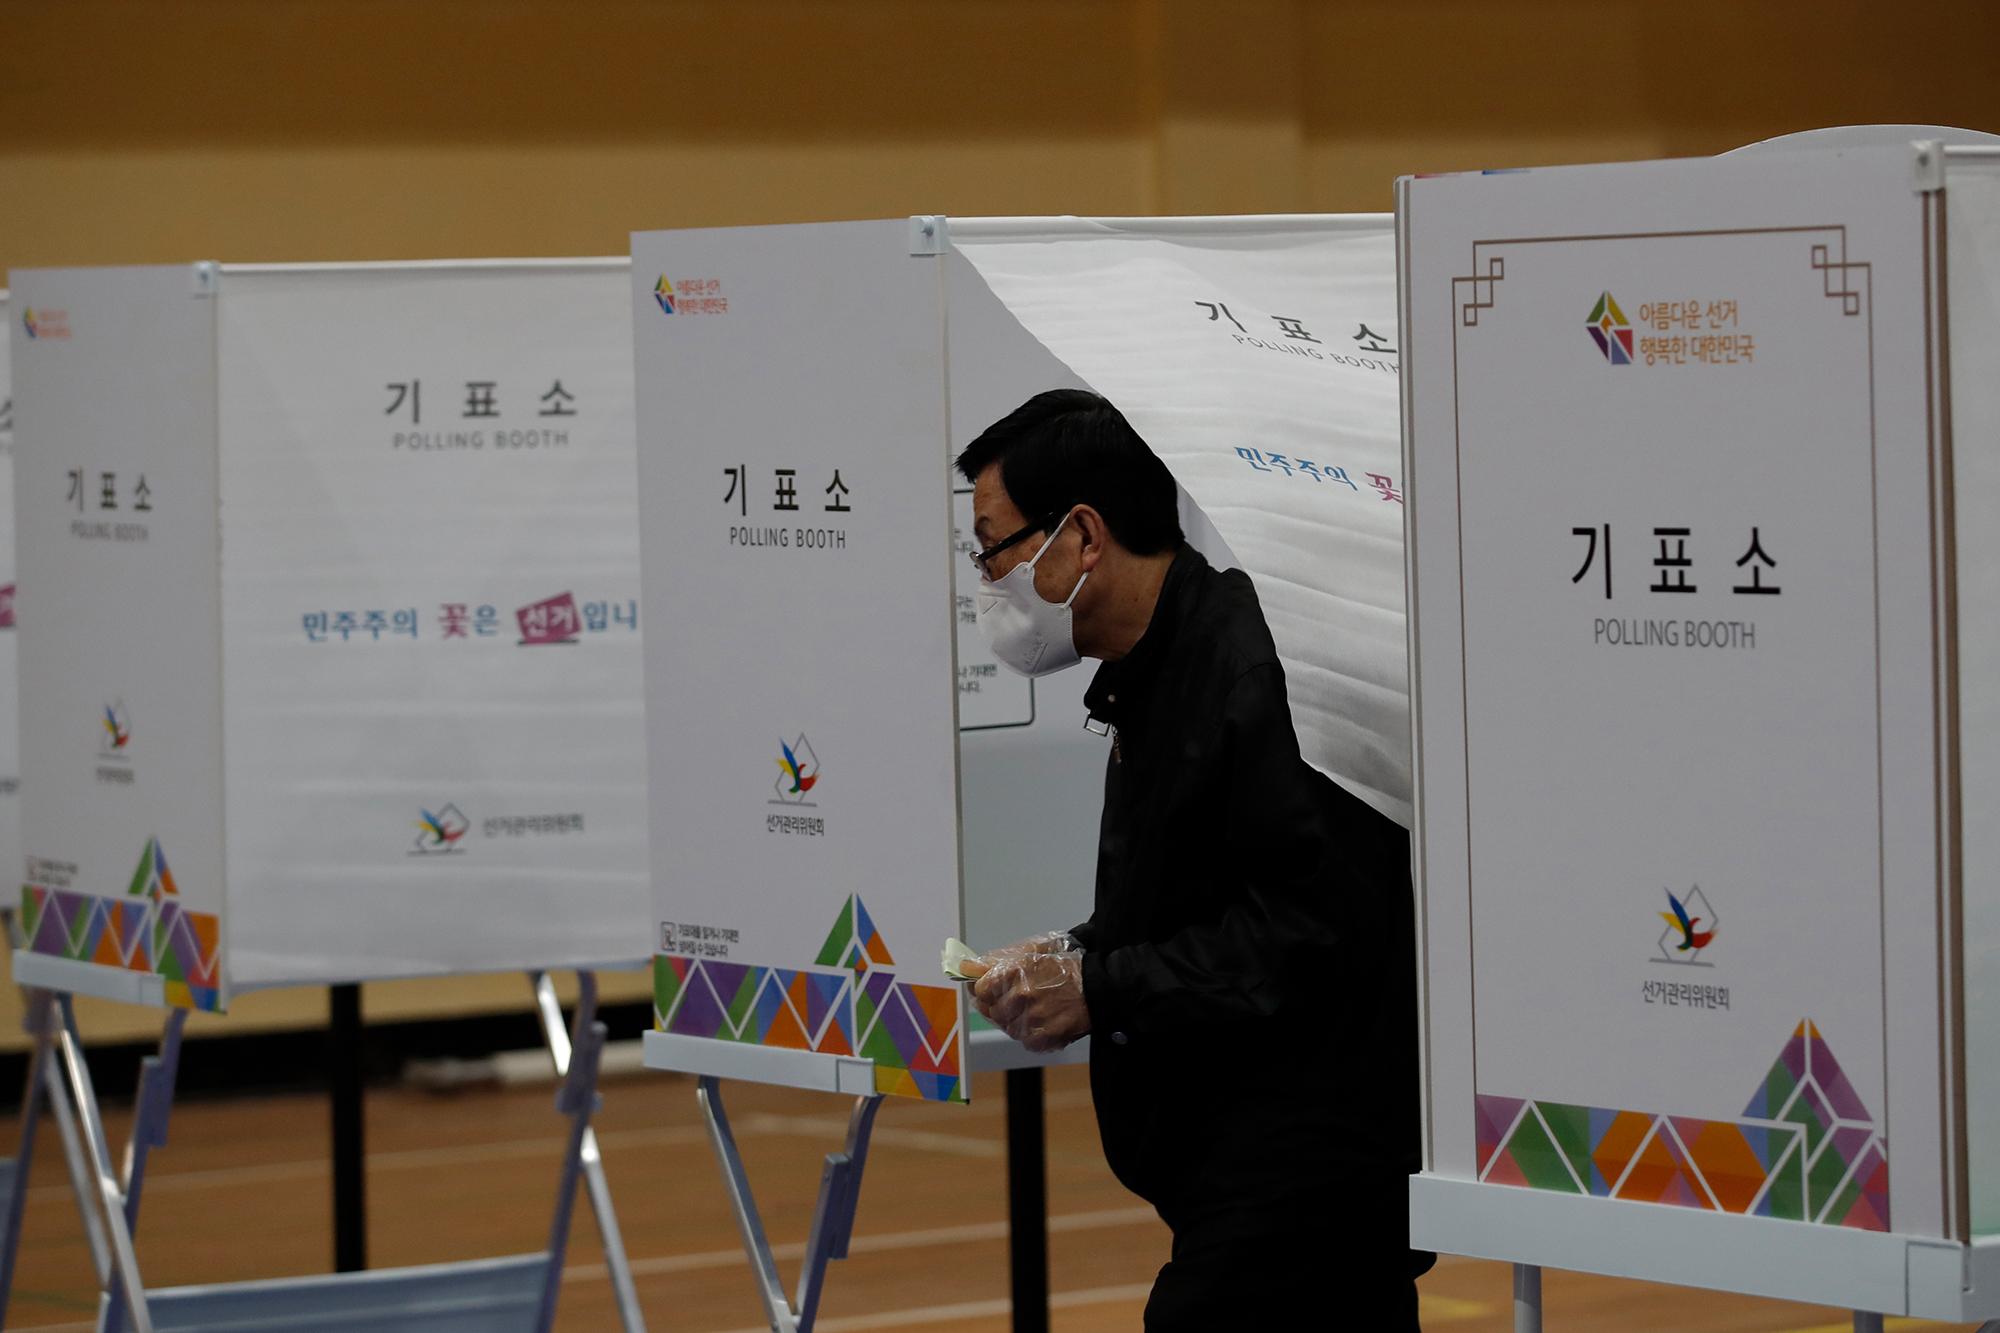 Un elettore che indossa una maschera per proteggersi dalla diffusione del coronavirus esce a votare alle elezioni parlamentari in un seggio elettorale a Seul, in Corea del Sud, mercoledì 15 aprile.